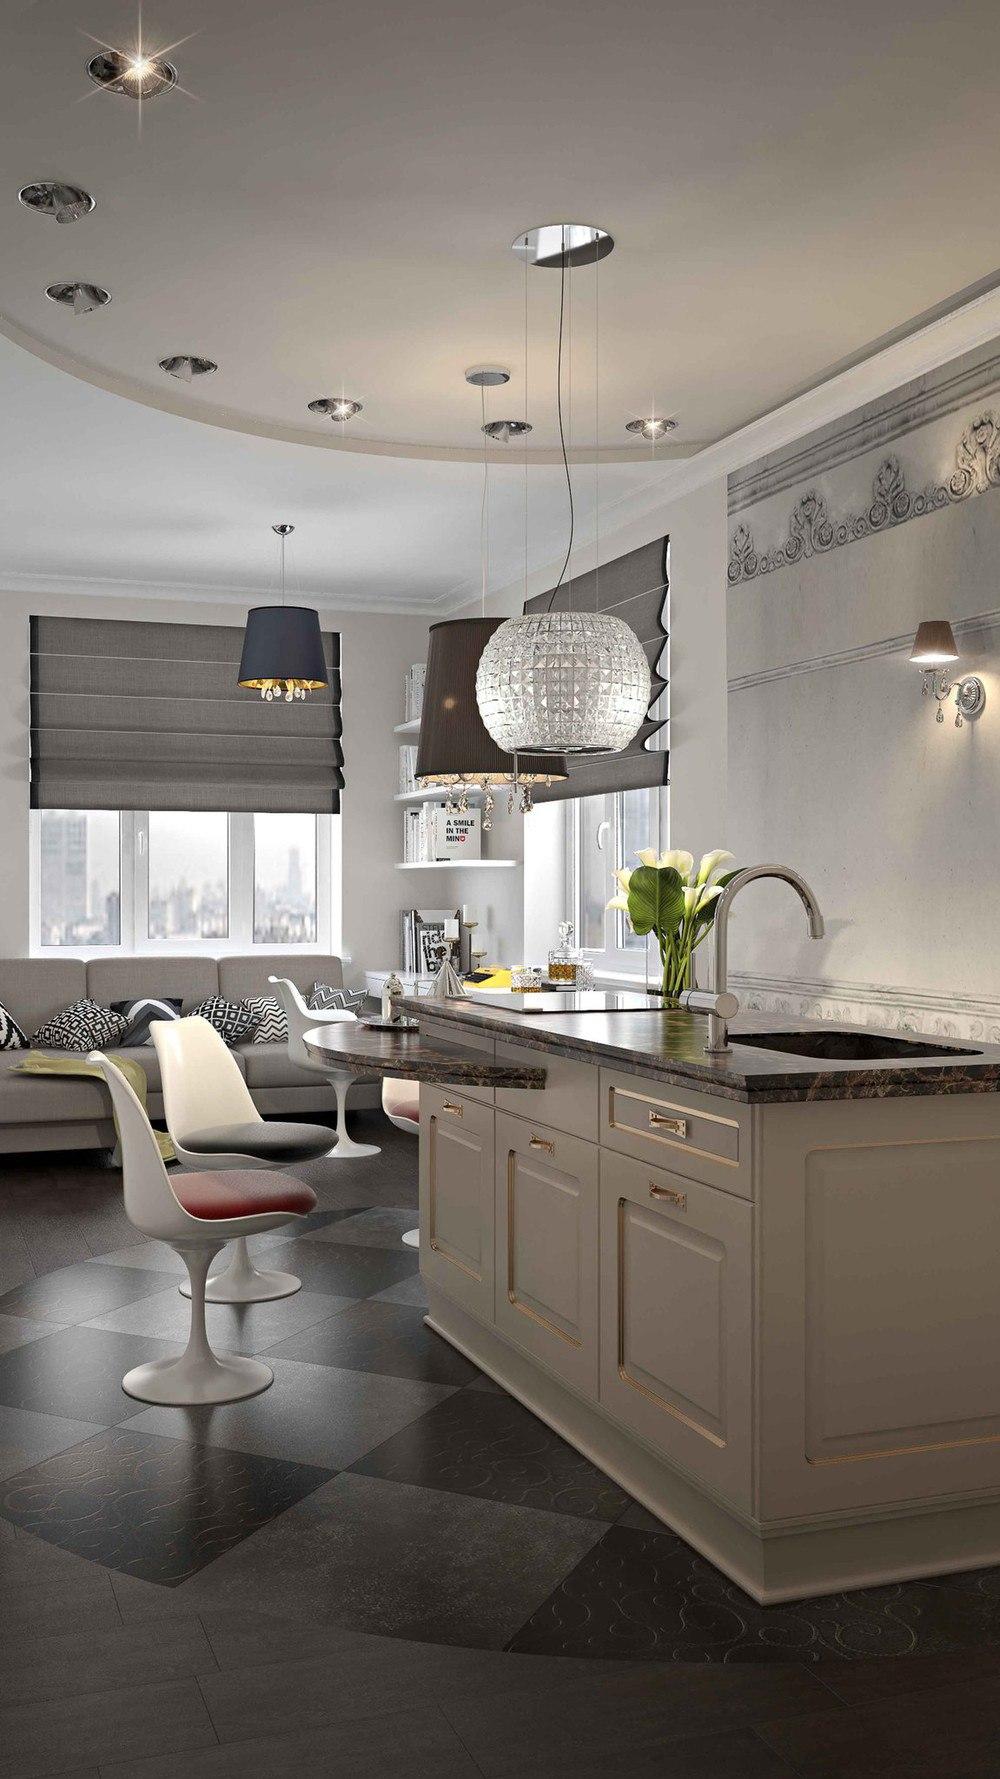 Концепт квартиры 32 м с островной кухней.